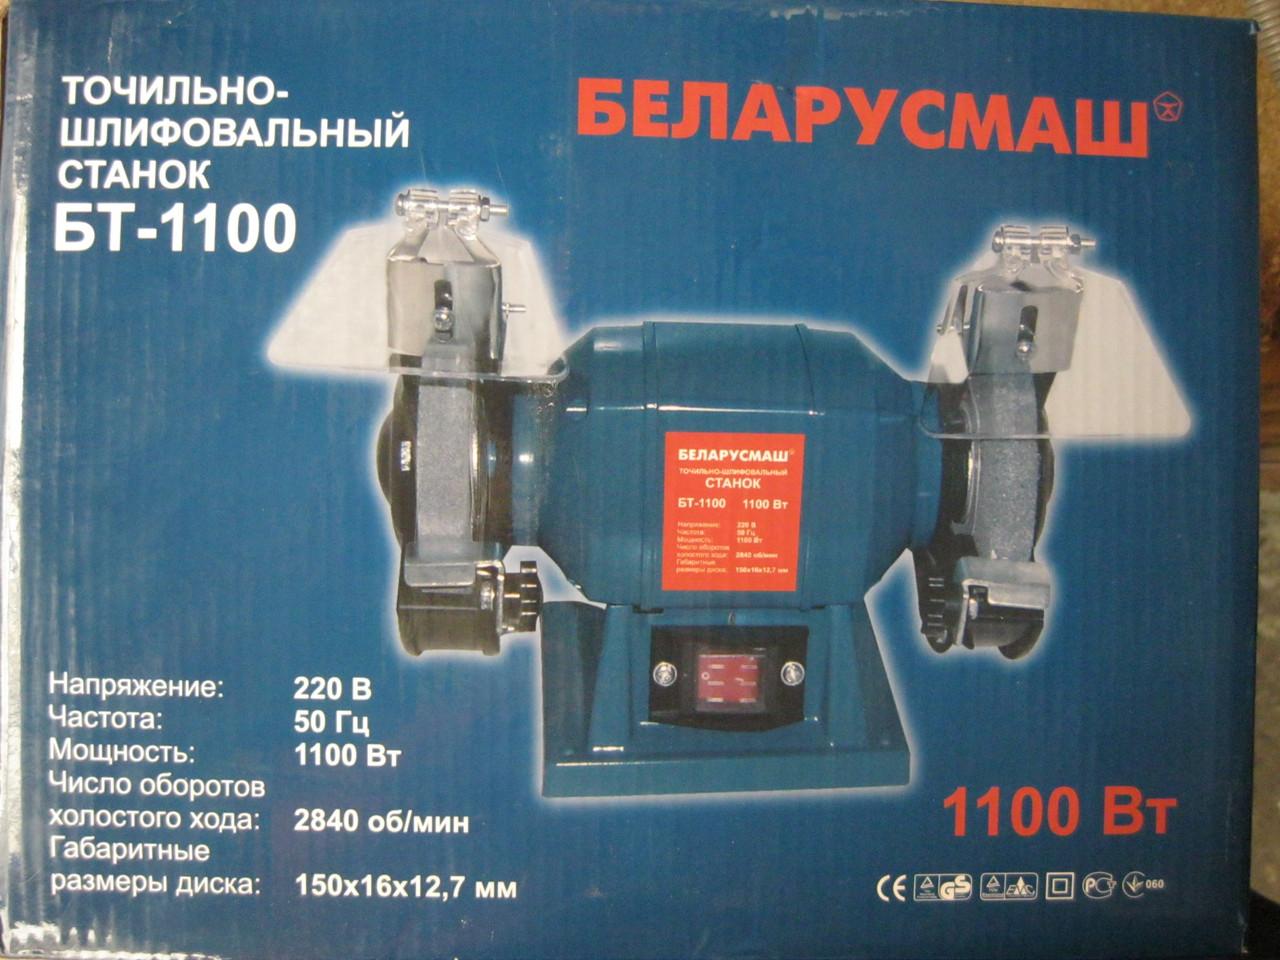 Точило Беларусмаш Бт-1100